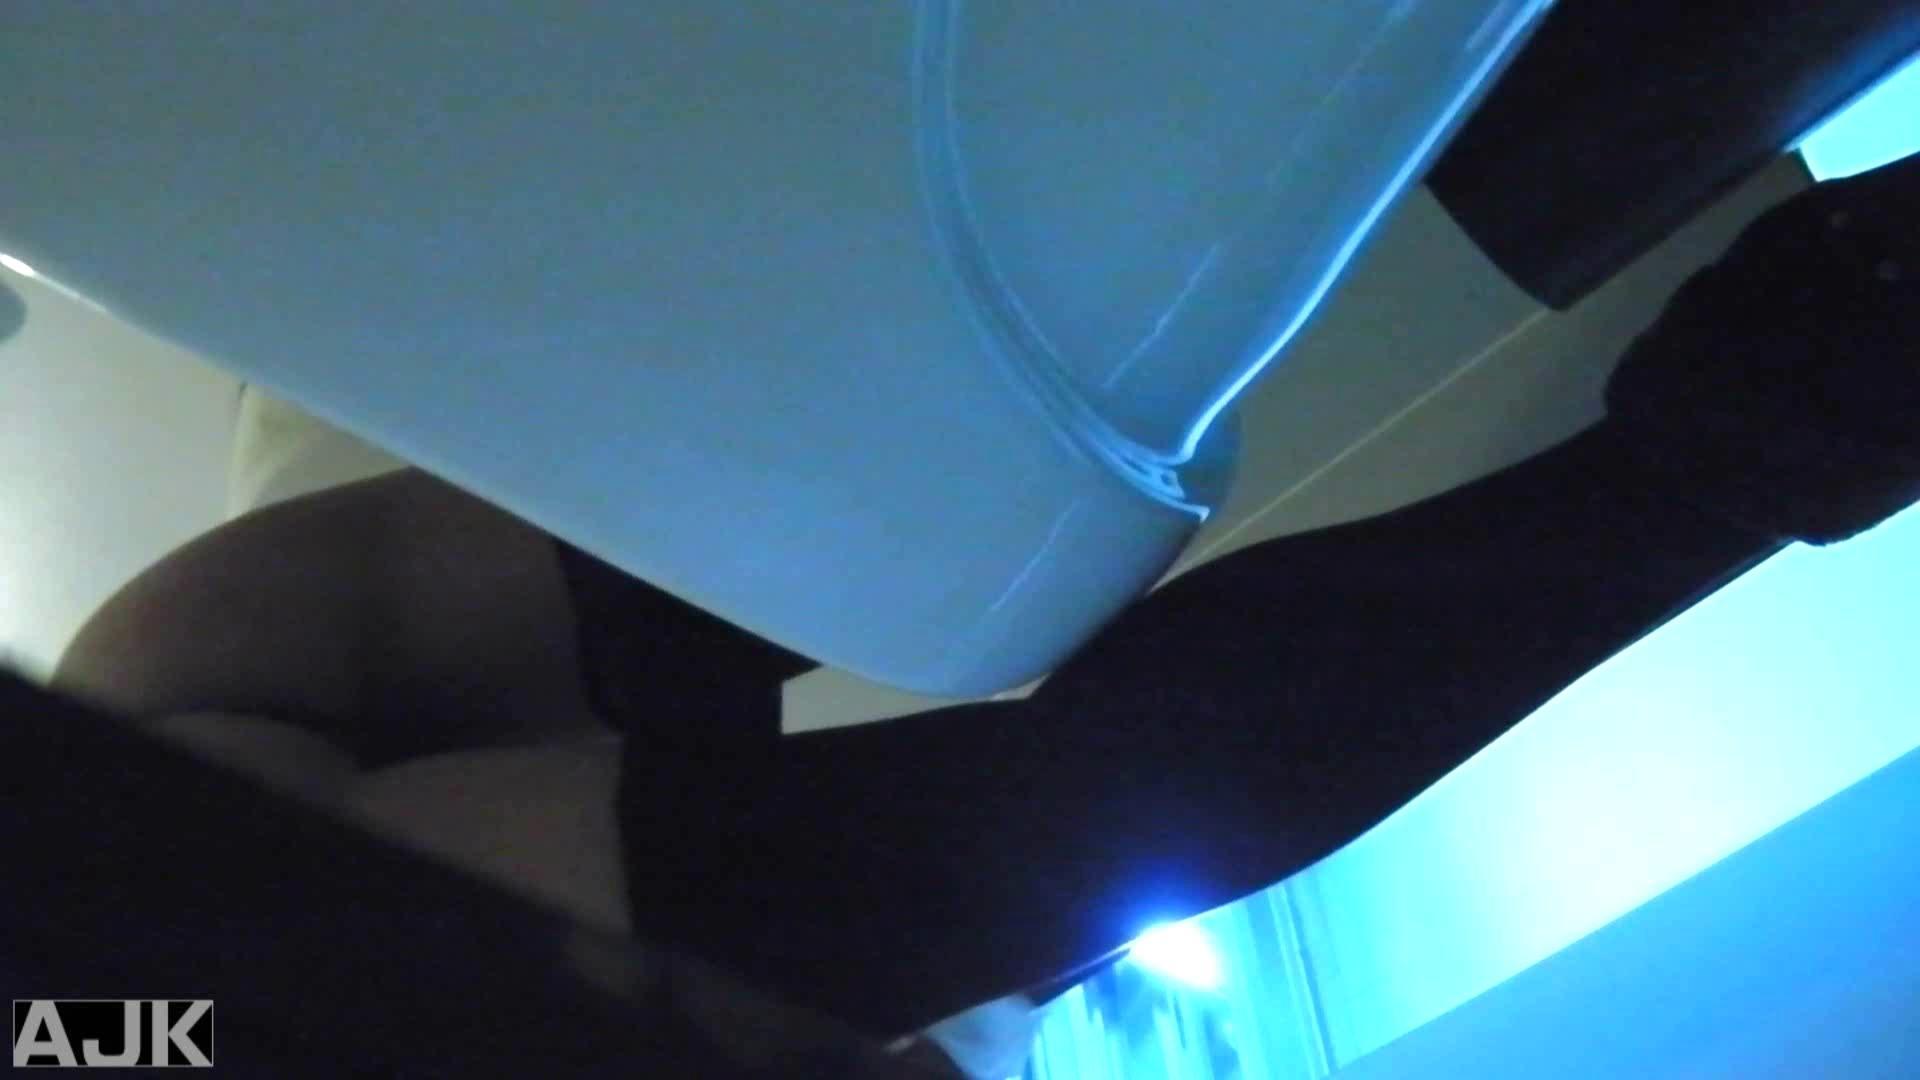 隣国上階級エリアの令嬢たちが集うデパートお手洗い Vol.15 洗面所 ワレメ無修正動画無料 106画像 57